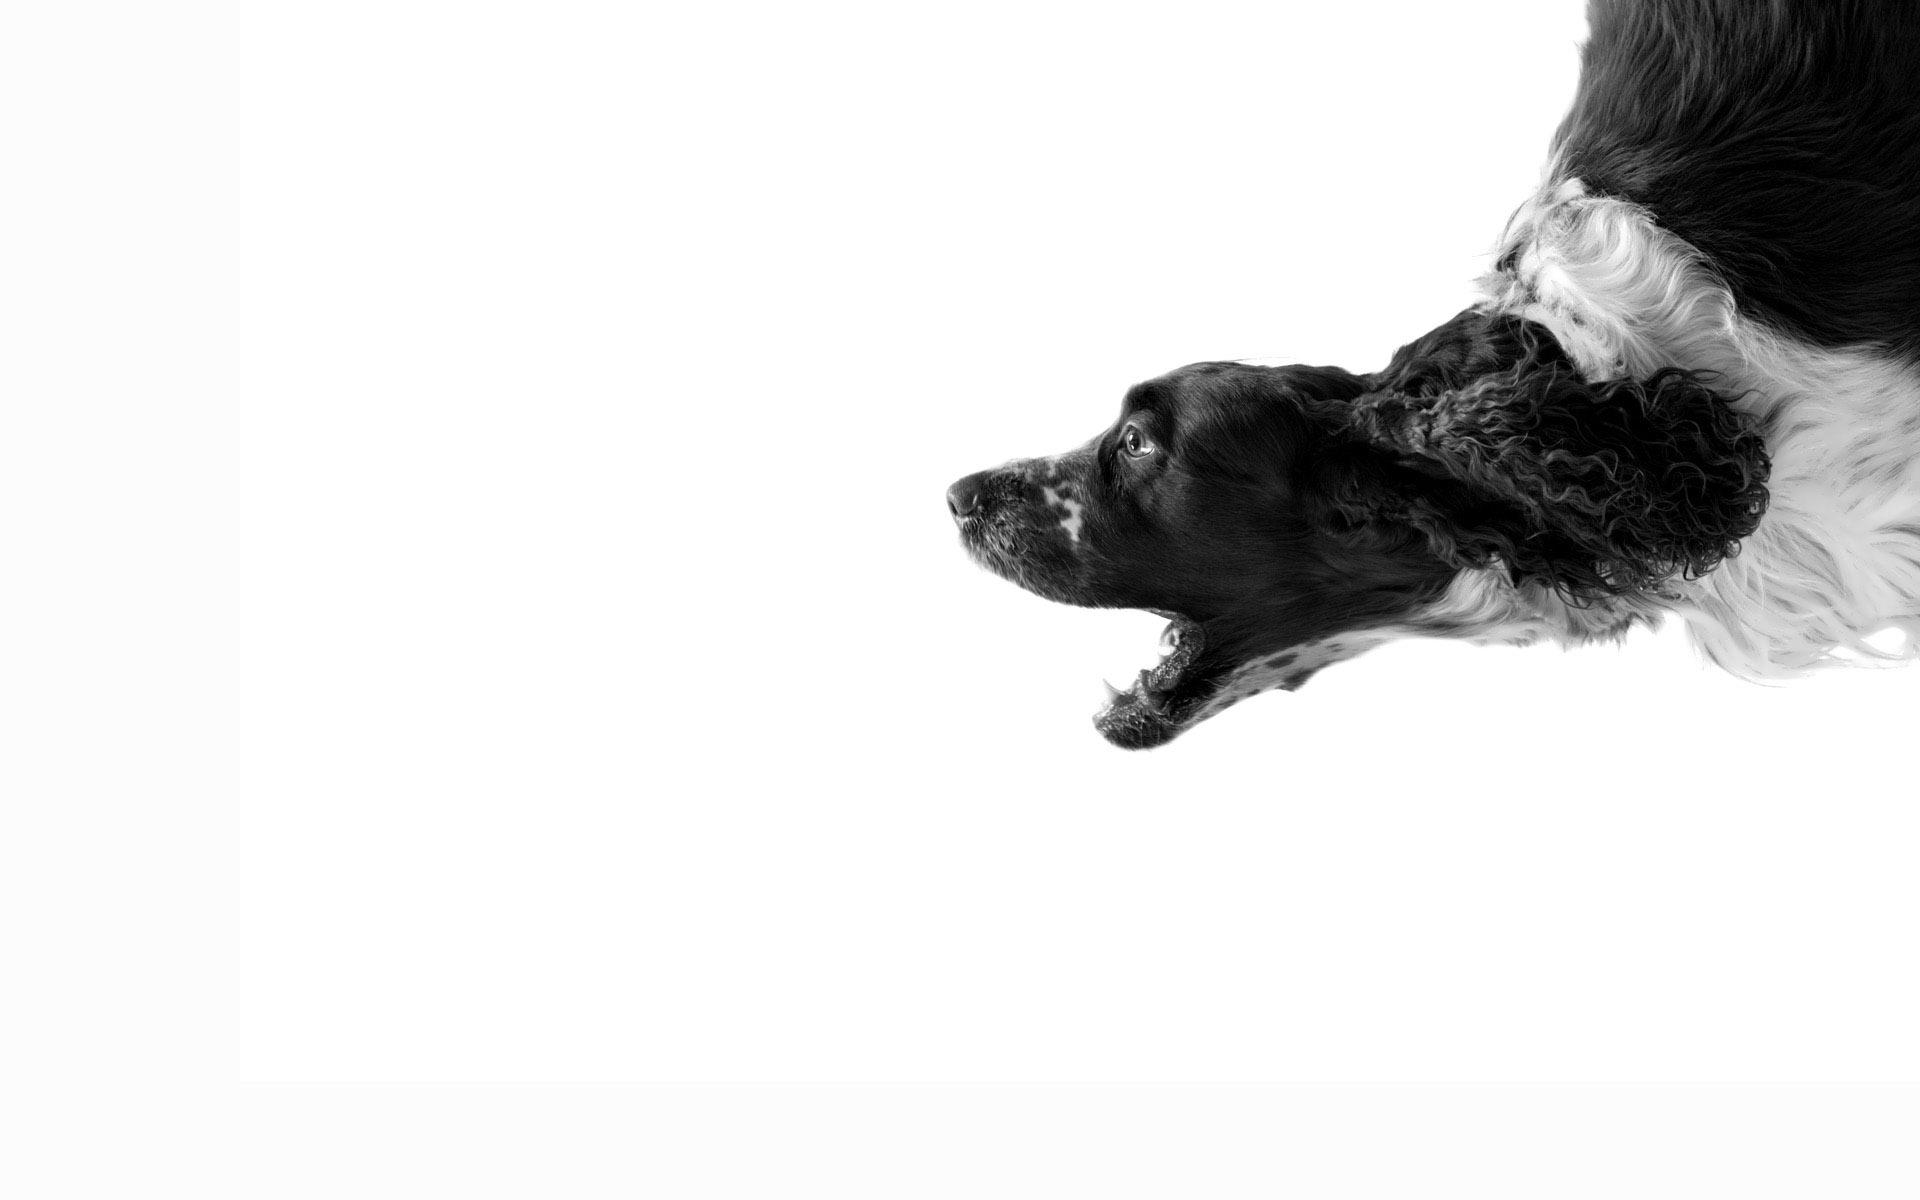 Sfondi desktop hd cane simpatico sfondi hd gratis for Sfondi animali hd